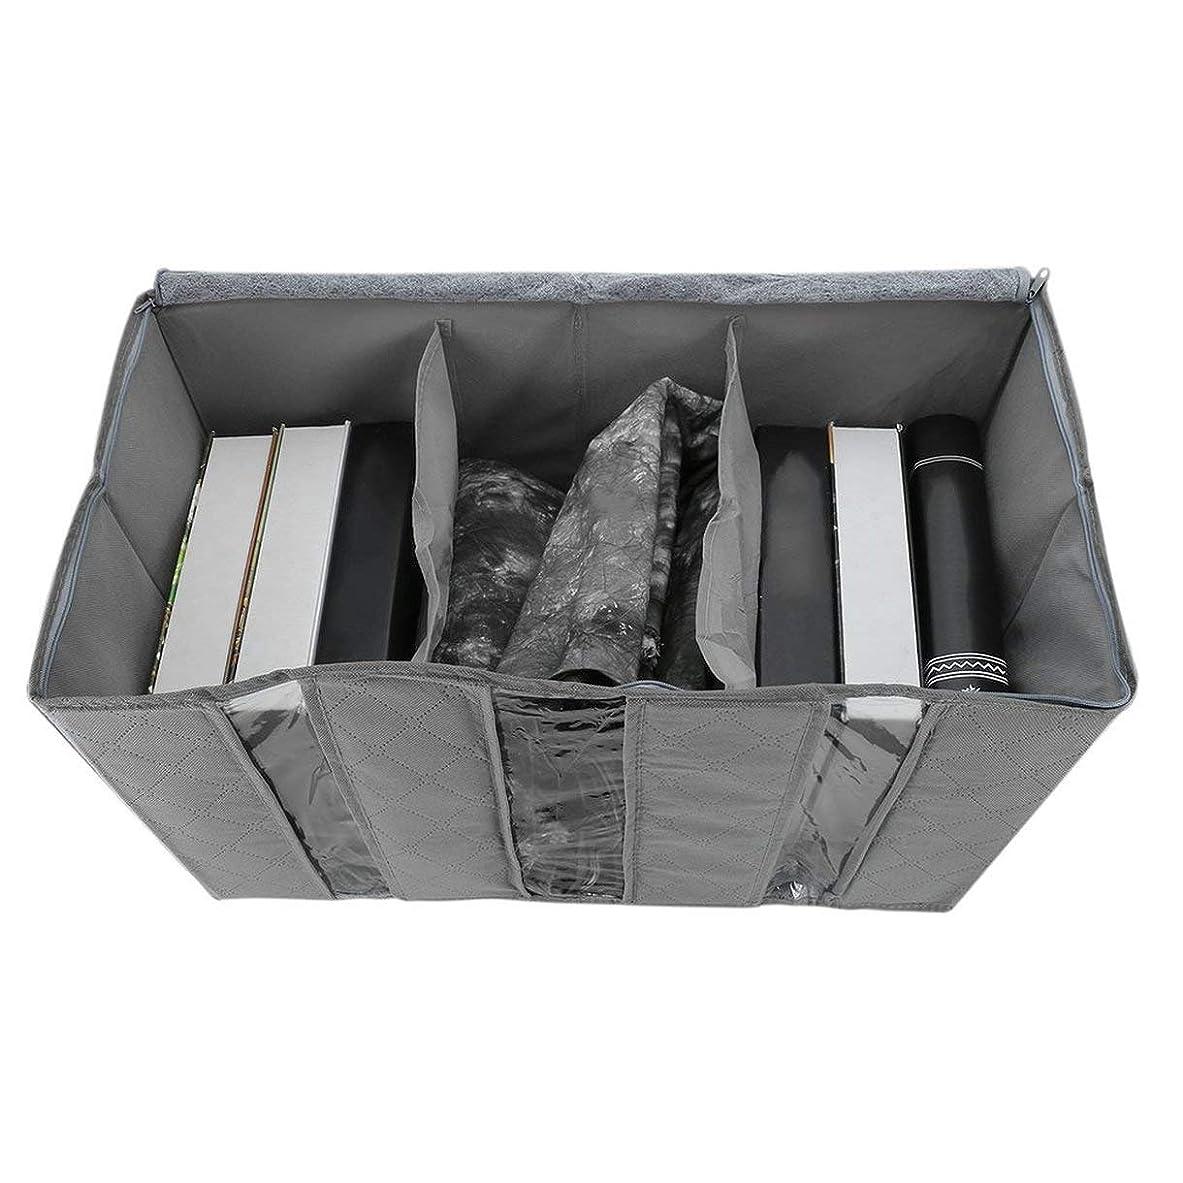 正規化プレフィックスアシスト65L収納袋ポータブルオーガナイザー不織布アンダーベッドポーチ竹服分類バッグ大容量家庭用品